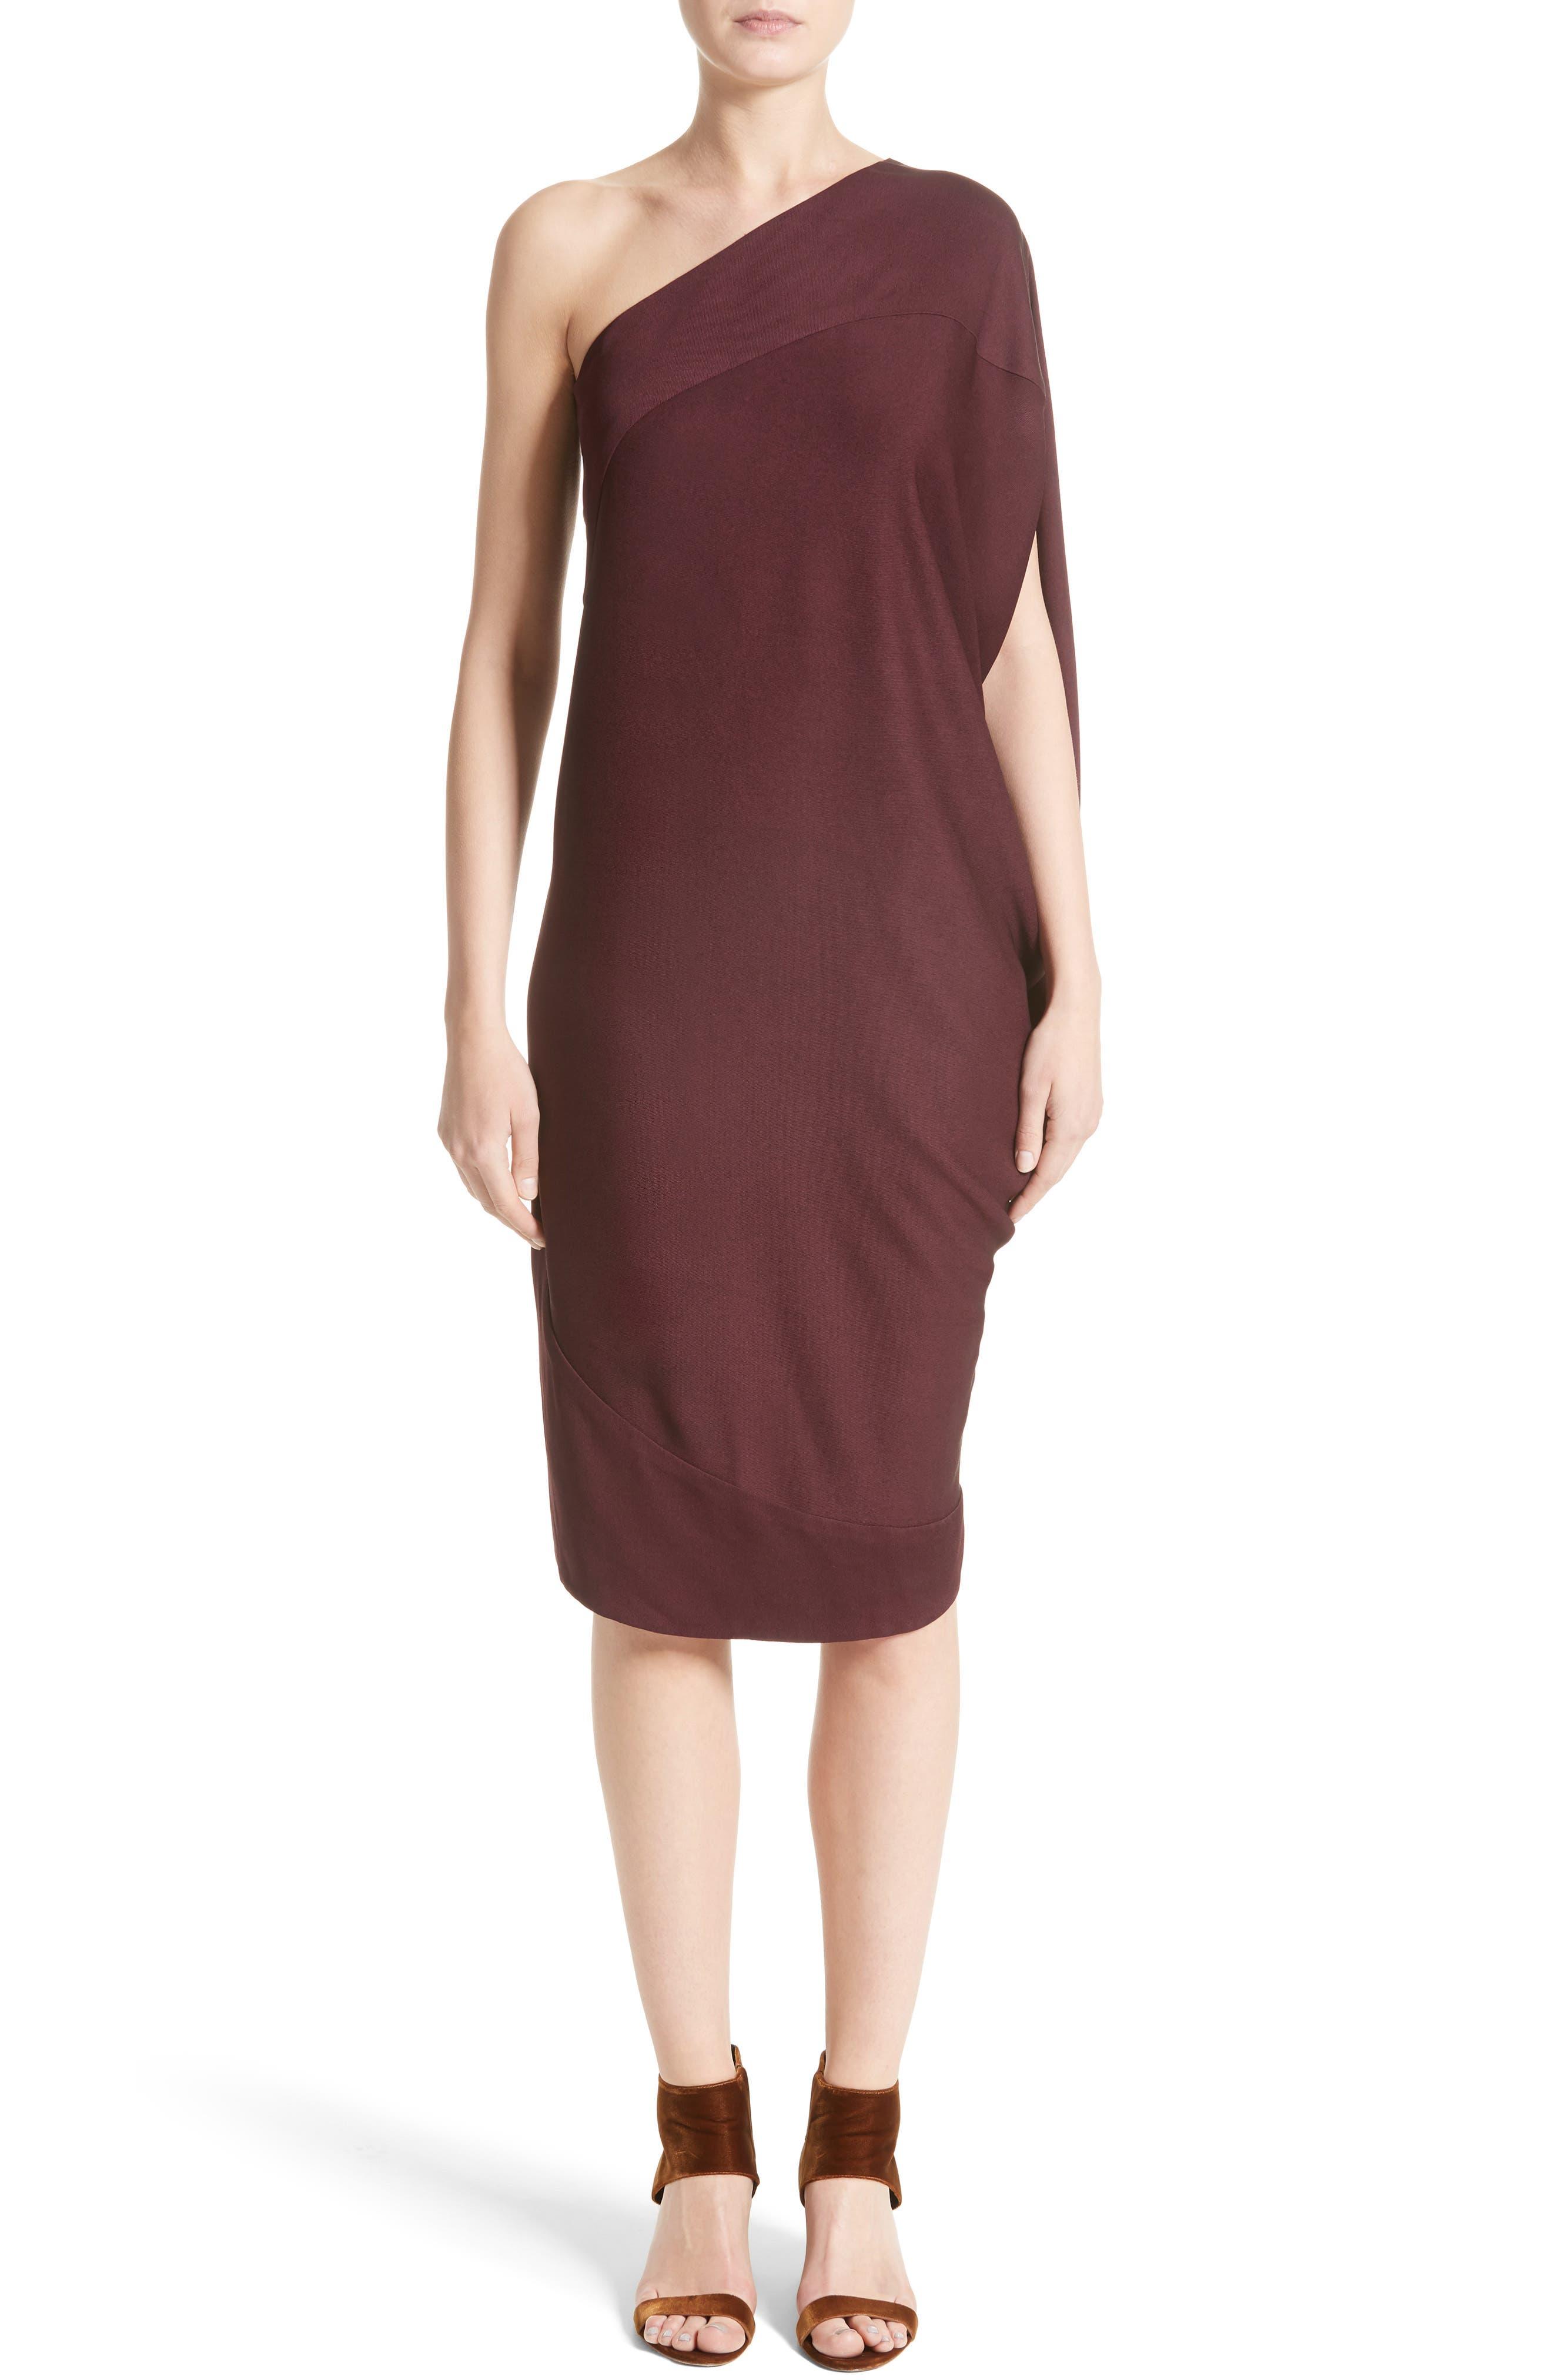 Lui Eco Drape One-Shoulder Dress,                         Main,                         color, Merlot